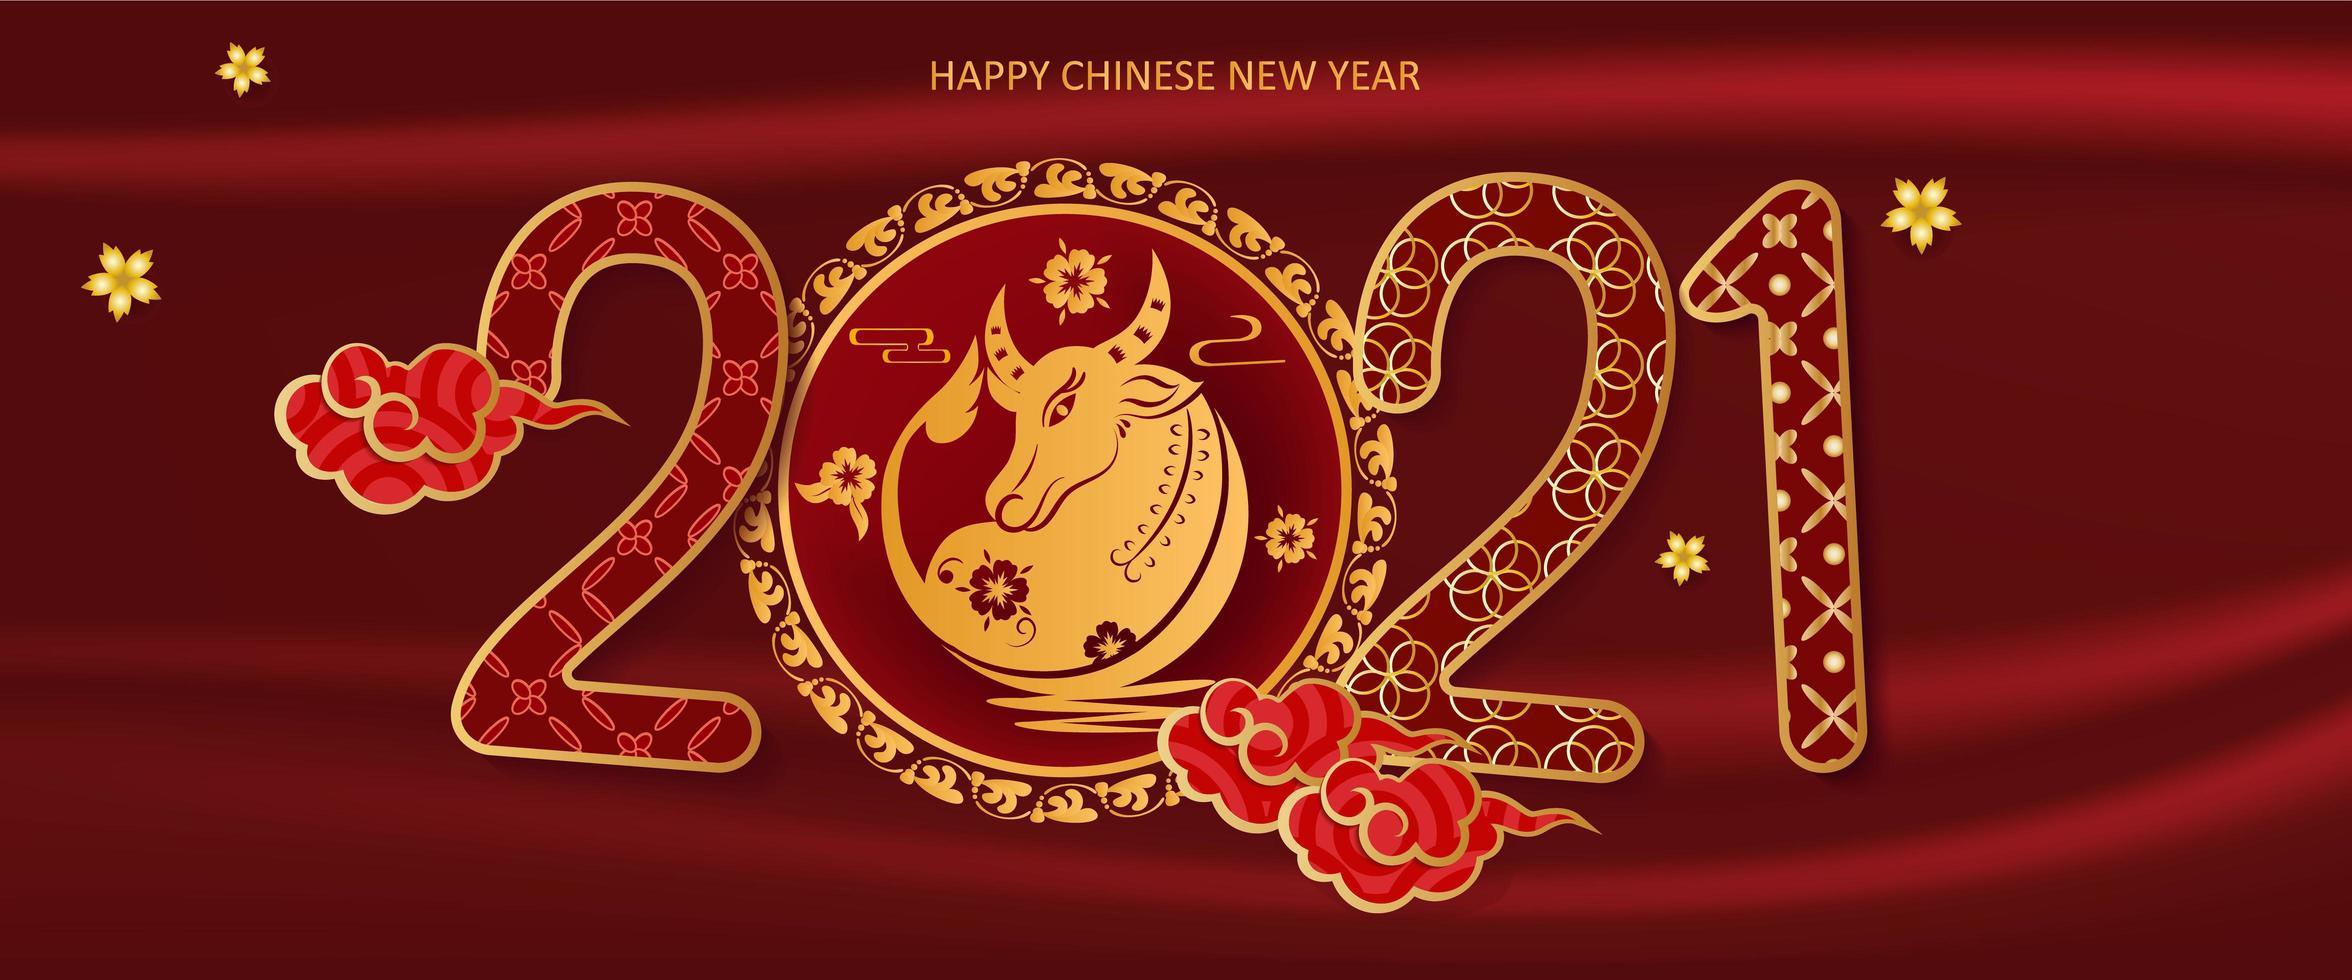 chinees nieuwjaar 2021 jaar van de os-banner vector